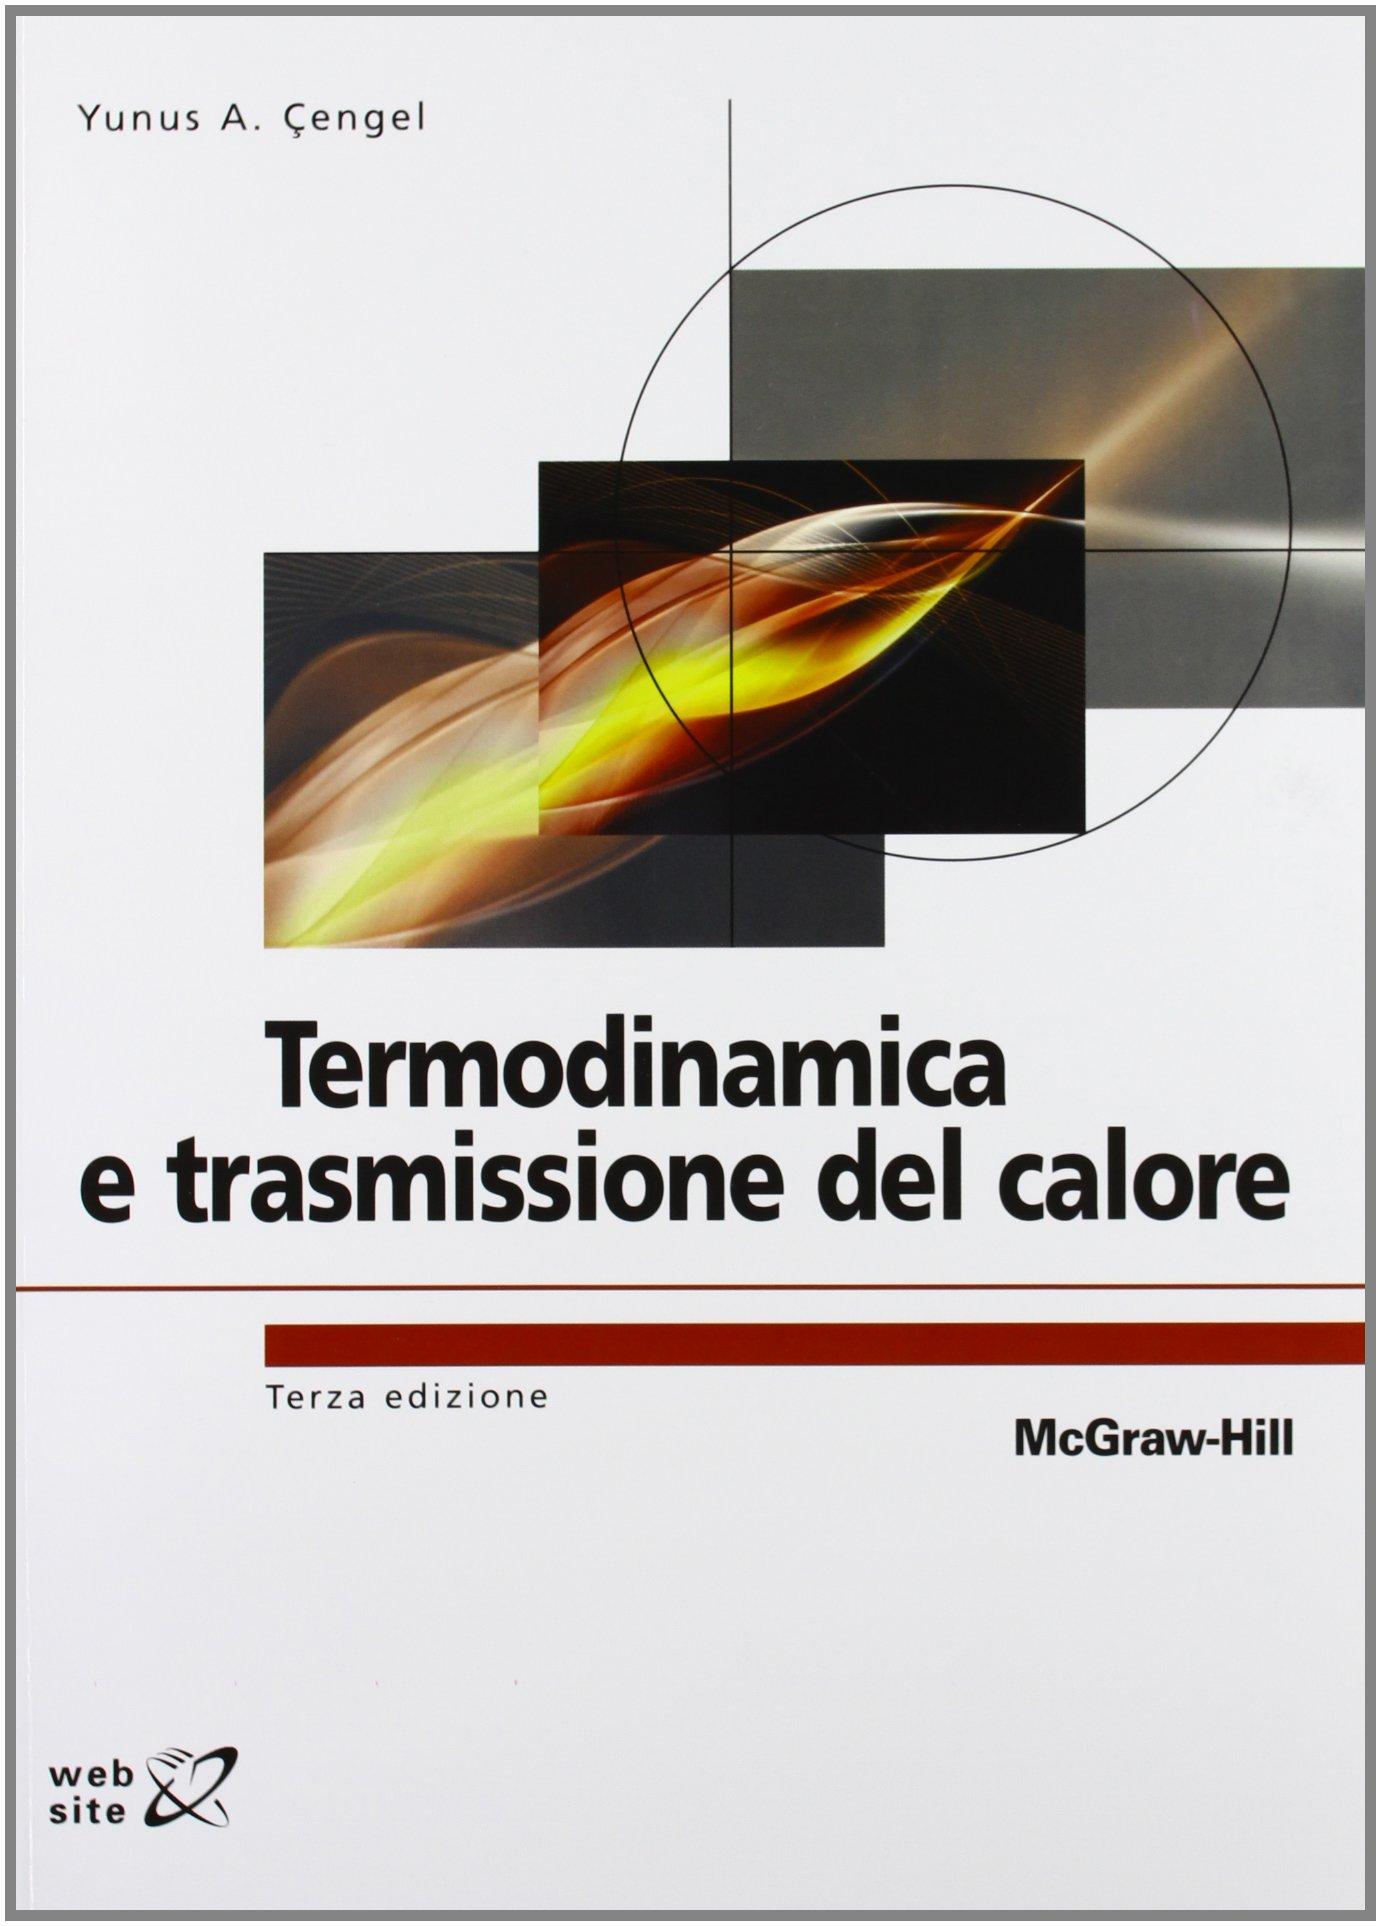 Amazon.it: Termodinamica e trasmissione del calore - Yunus A. Çengel - Libri